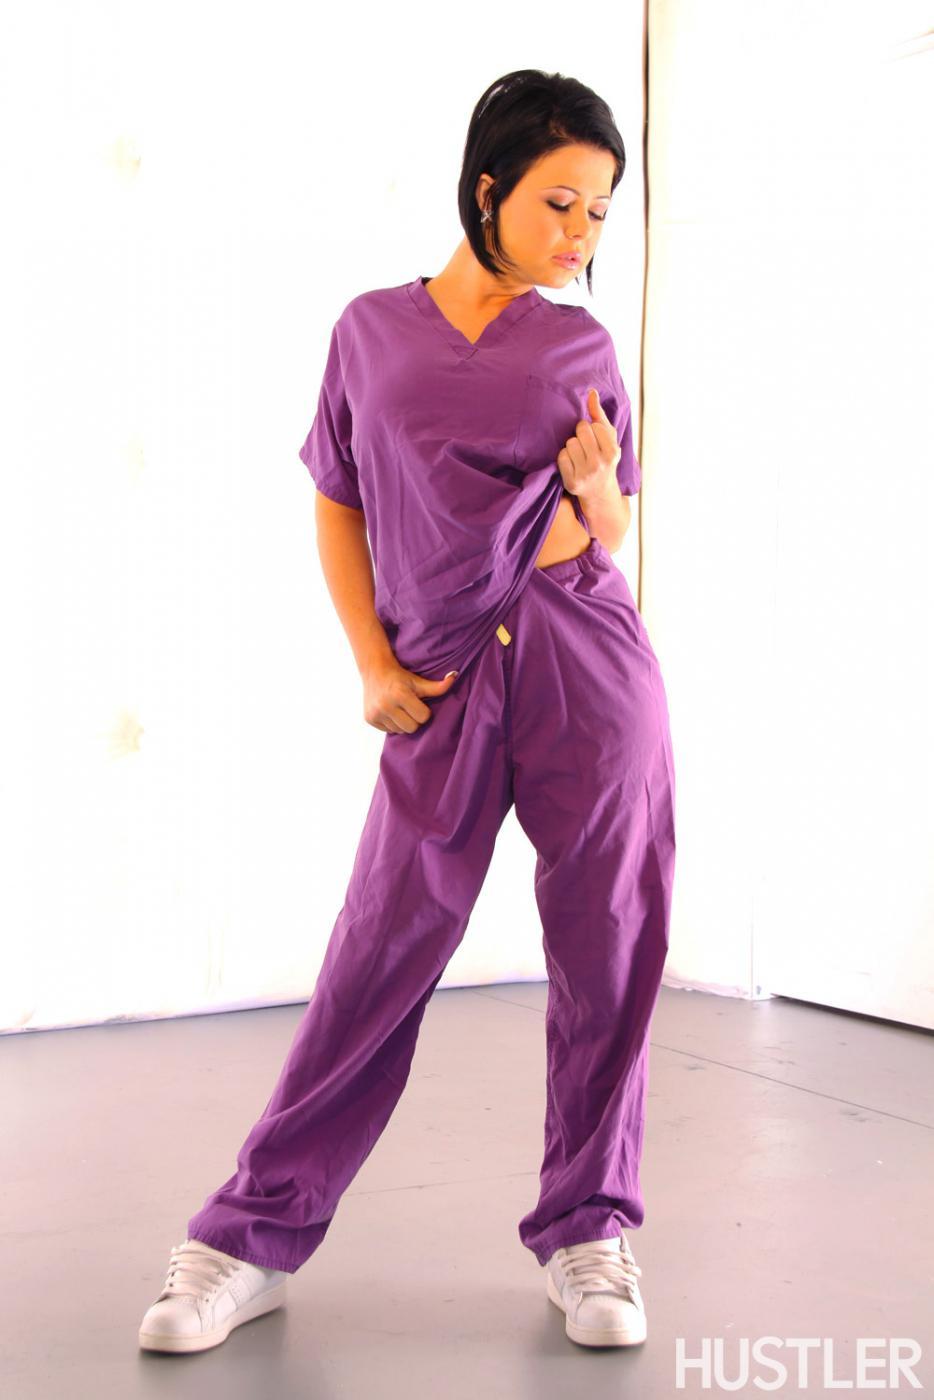 Титькастая темноволосая девка Loni Evans стаскивает фиолетовую униформу и черное нижнее белье